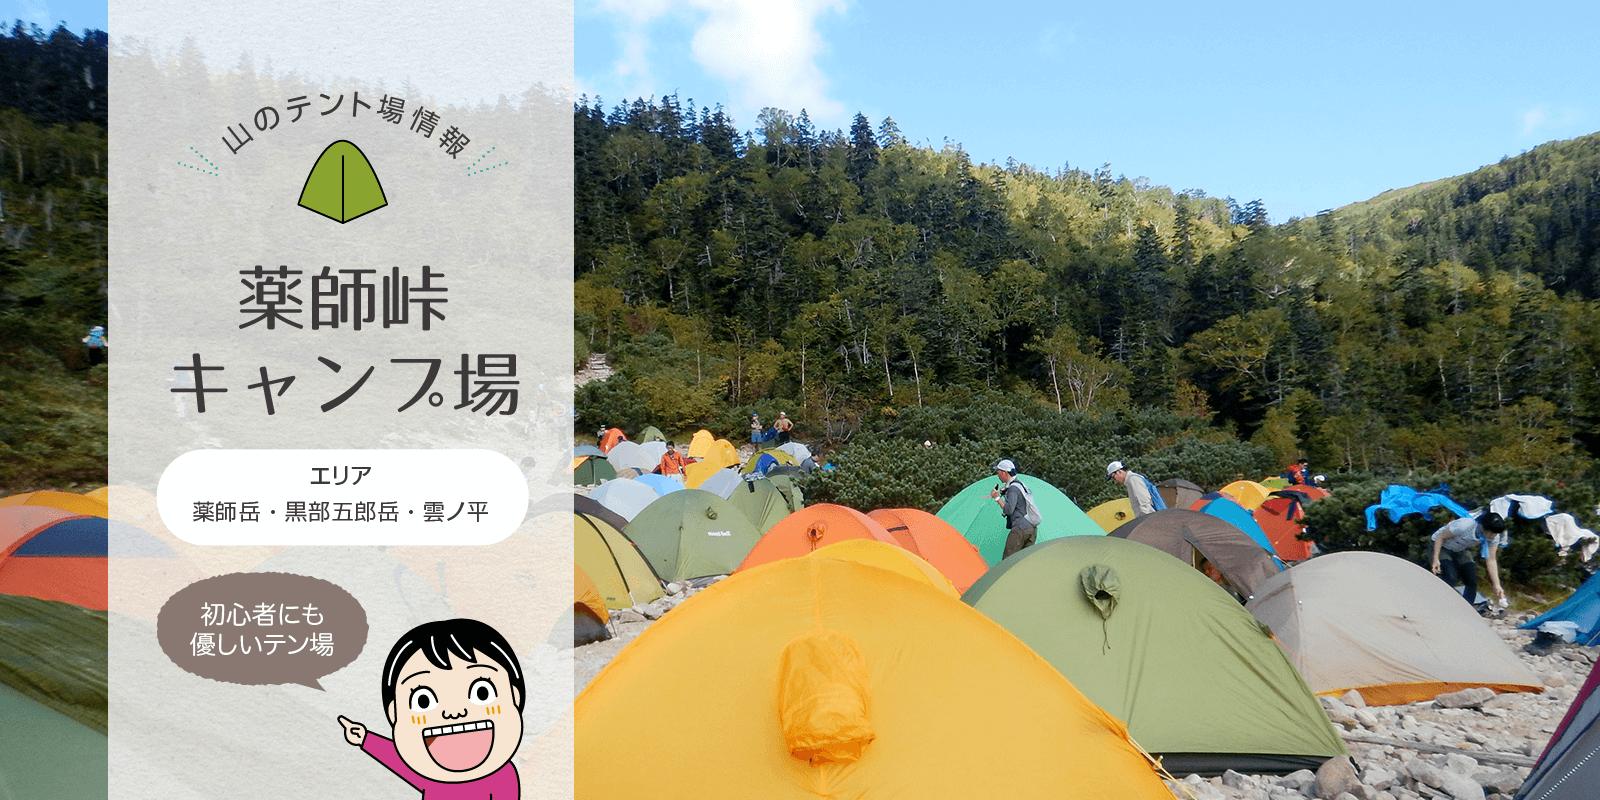 キャンプ場紹介タイトル薬師峠キャンプ場